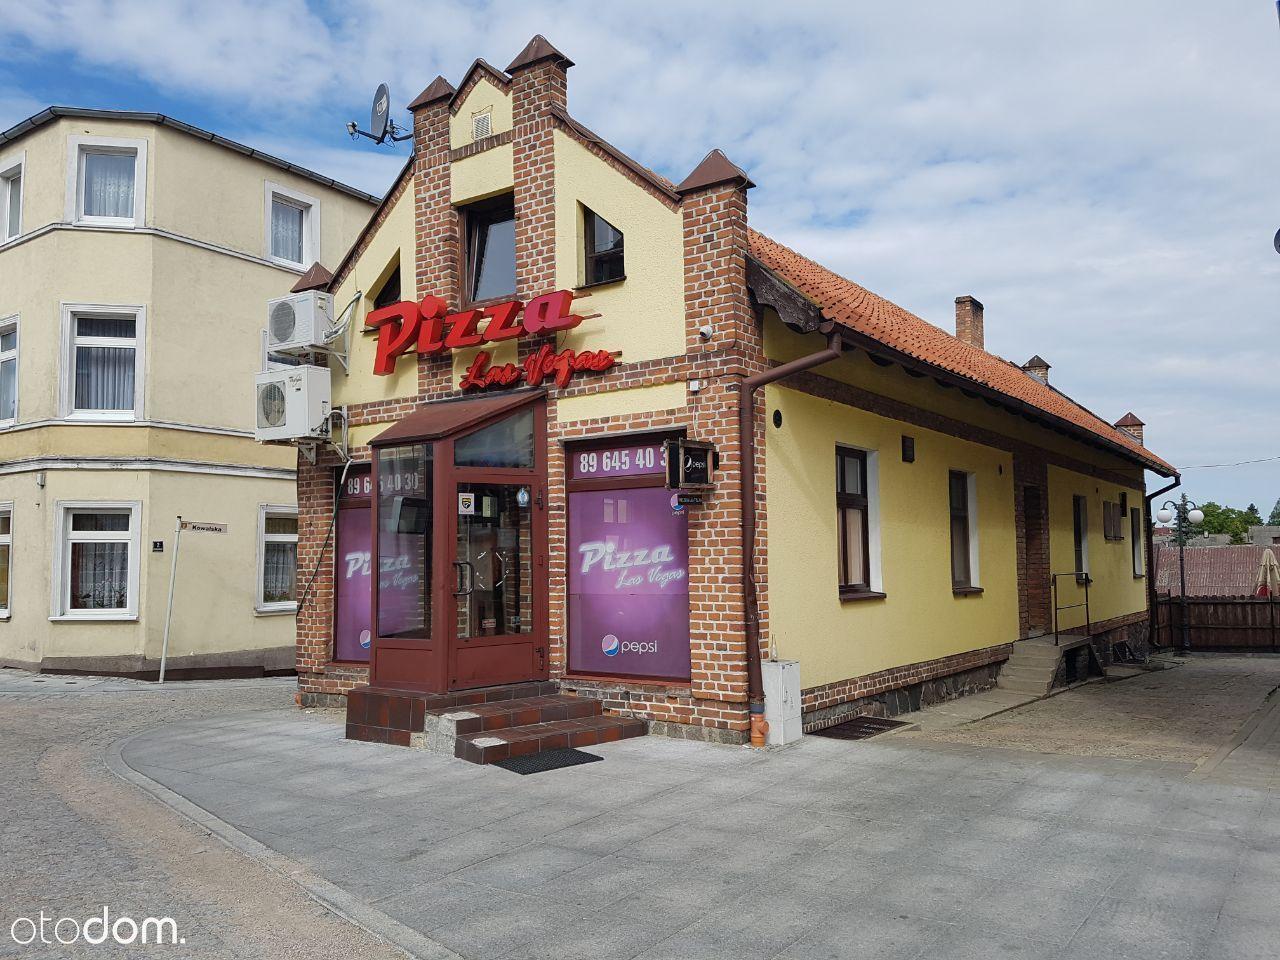 Lokal użytkowy na wynajem, Lubawa, iławski, warmińsko-mazurskie - Foto 1